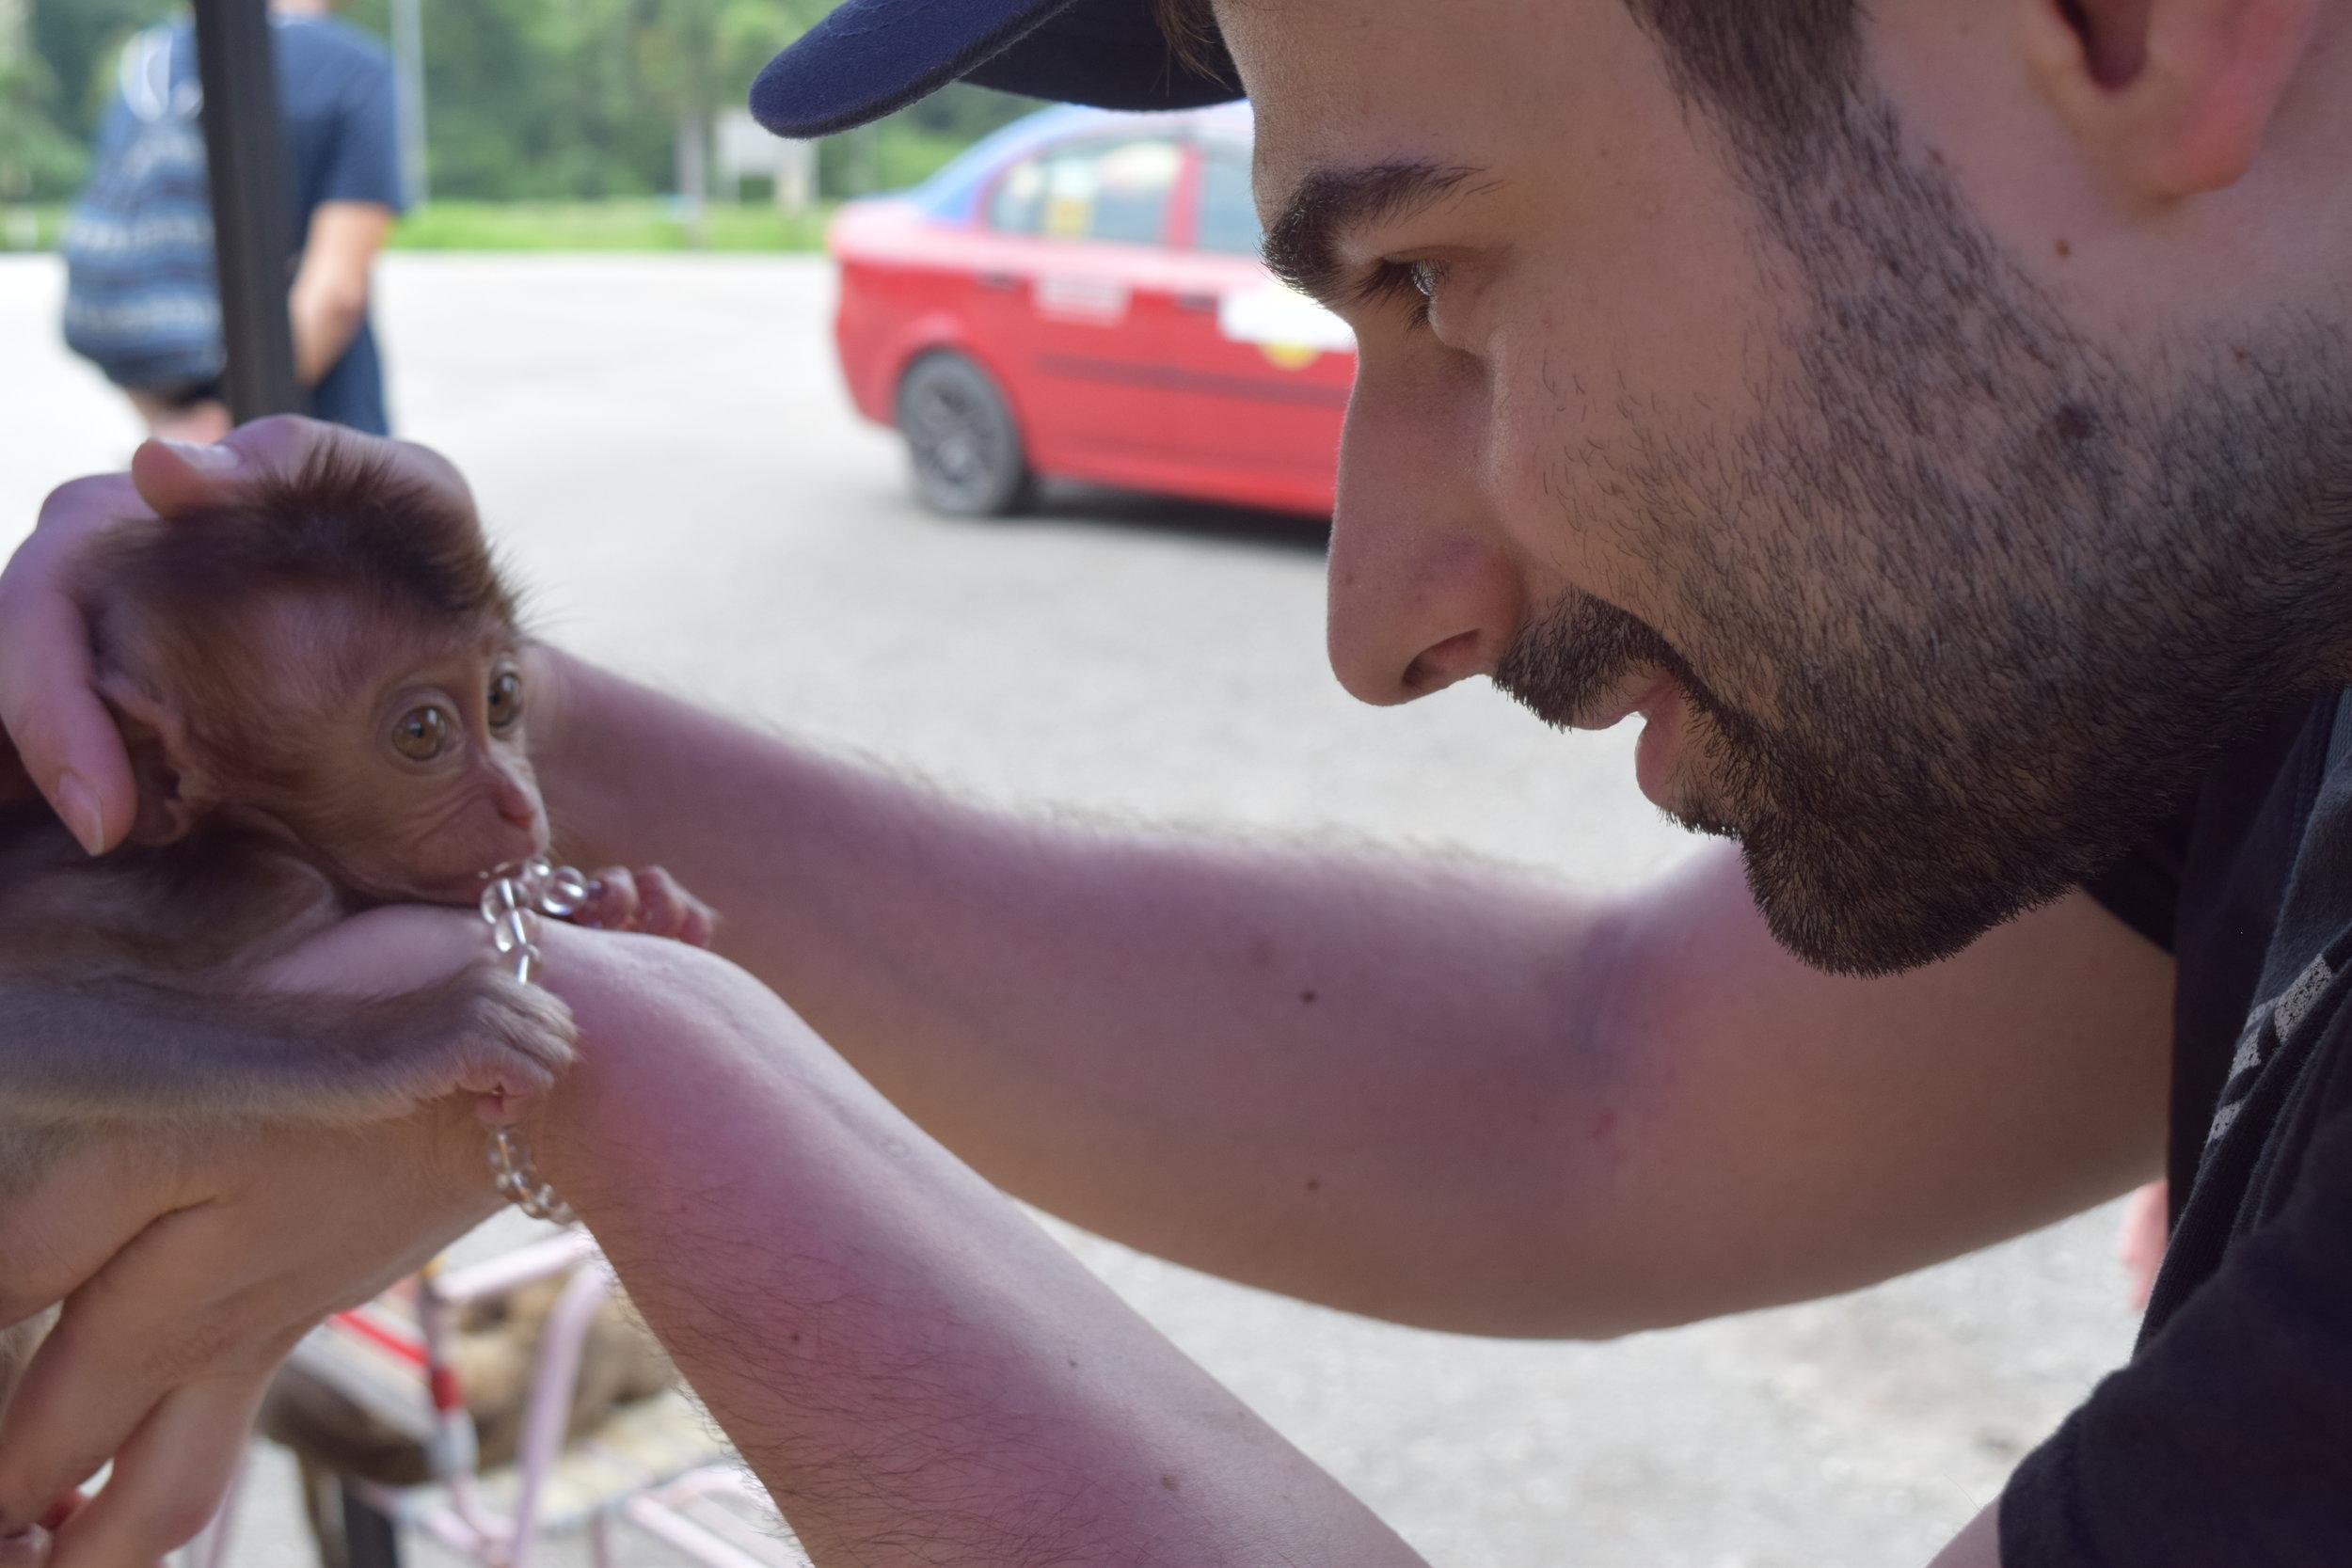 Un incontro con una scimmietta malesiana che si è particolarmente affezionata al mio braccialetto.